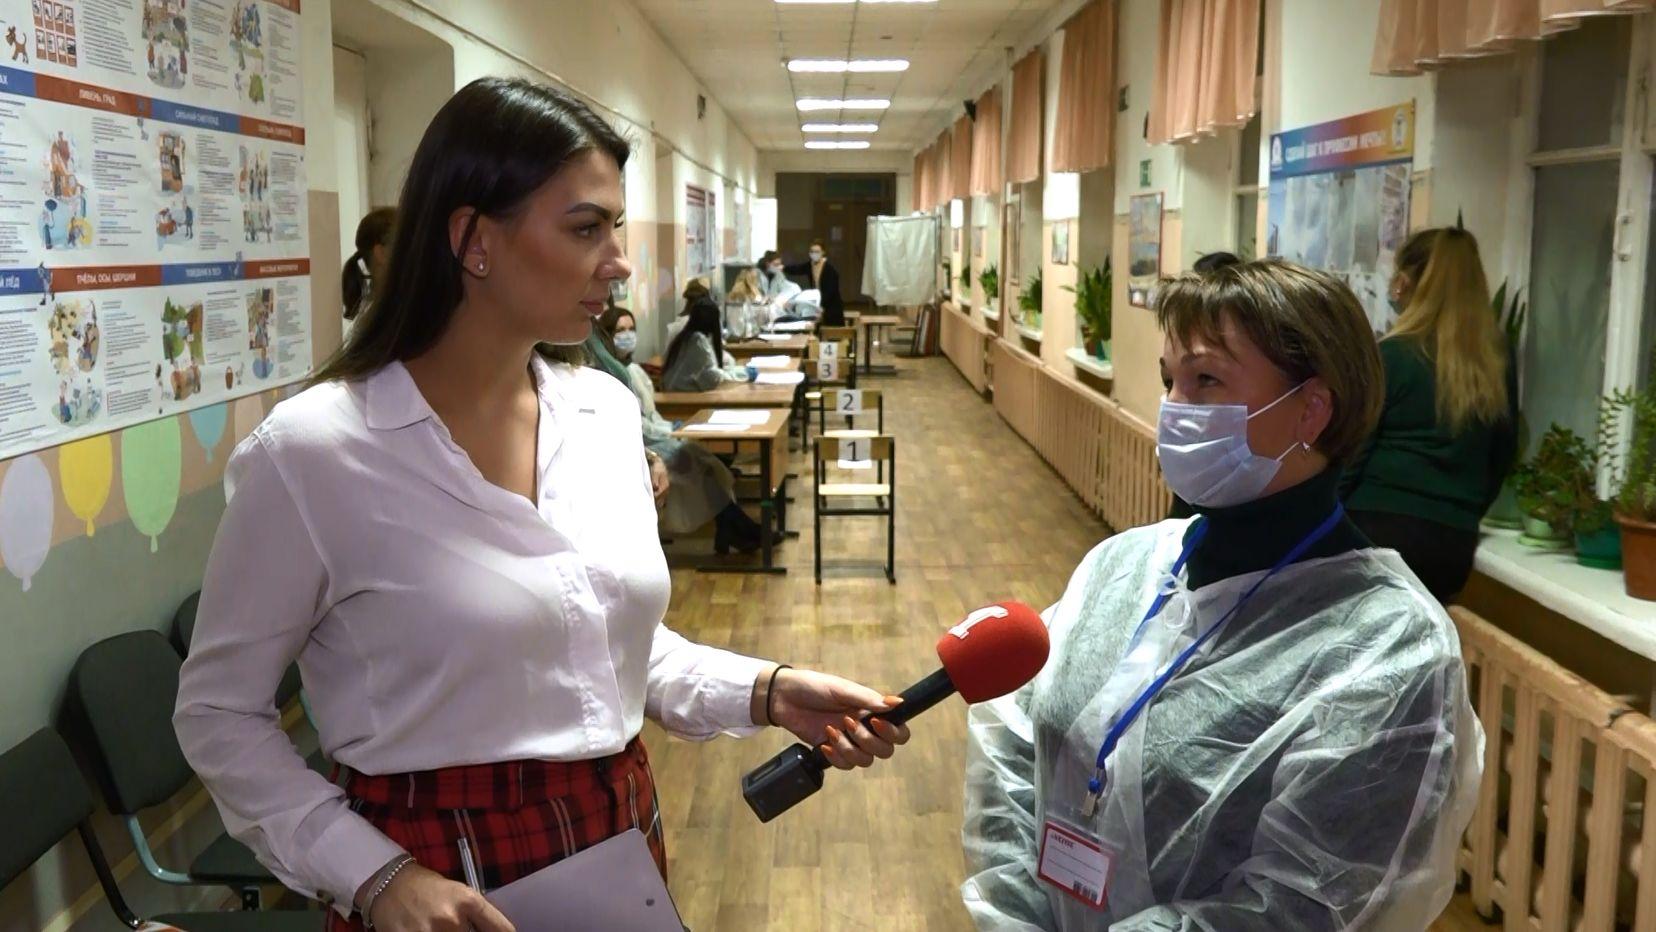 В Ярославской области закрылись все избирательные участки - в стране завершилось трехдневное голосование